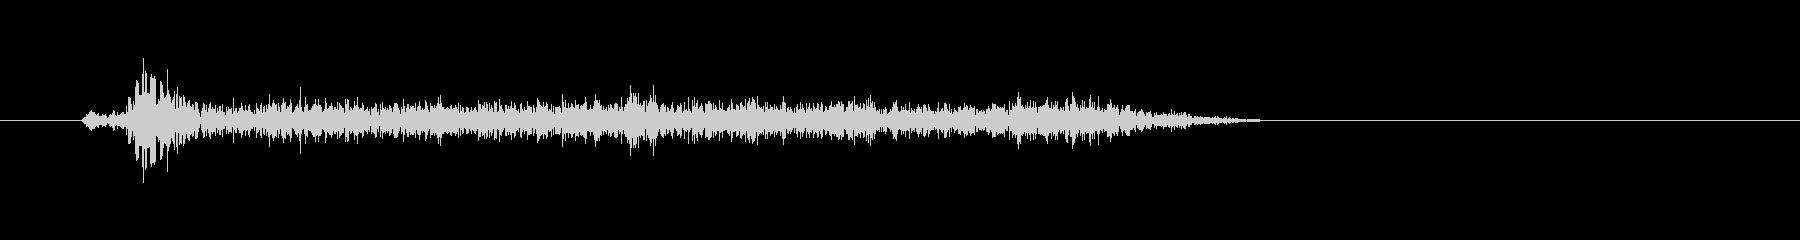 サッ(スプレーの音)の未再生の波形